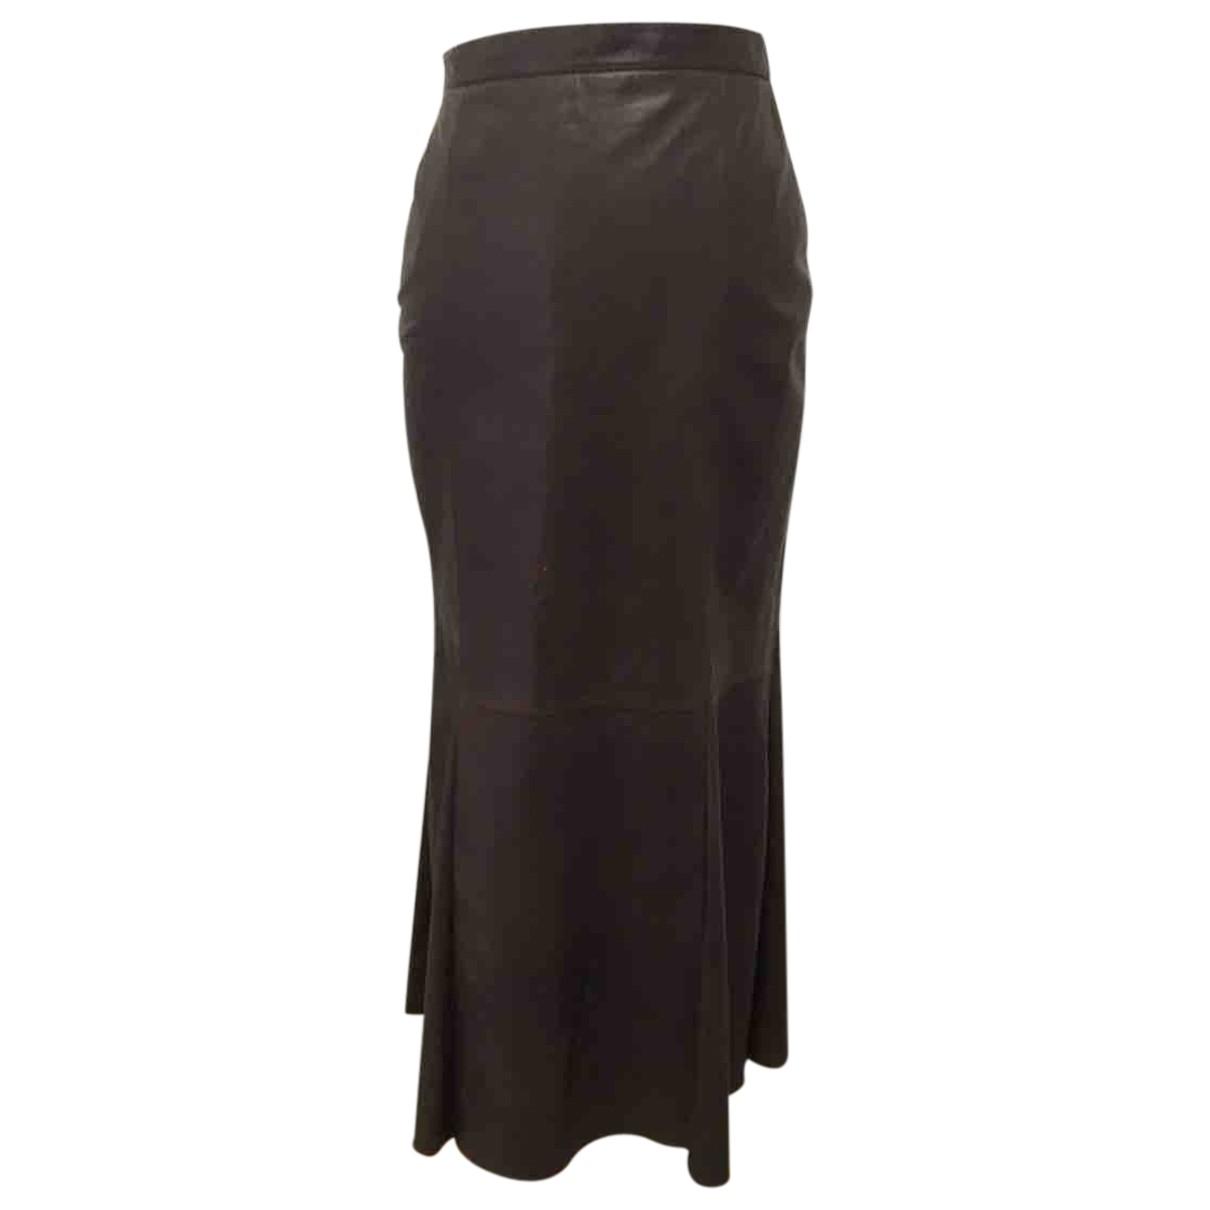 Unknown - Jupe   pour femme en cuir - marron